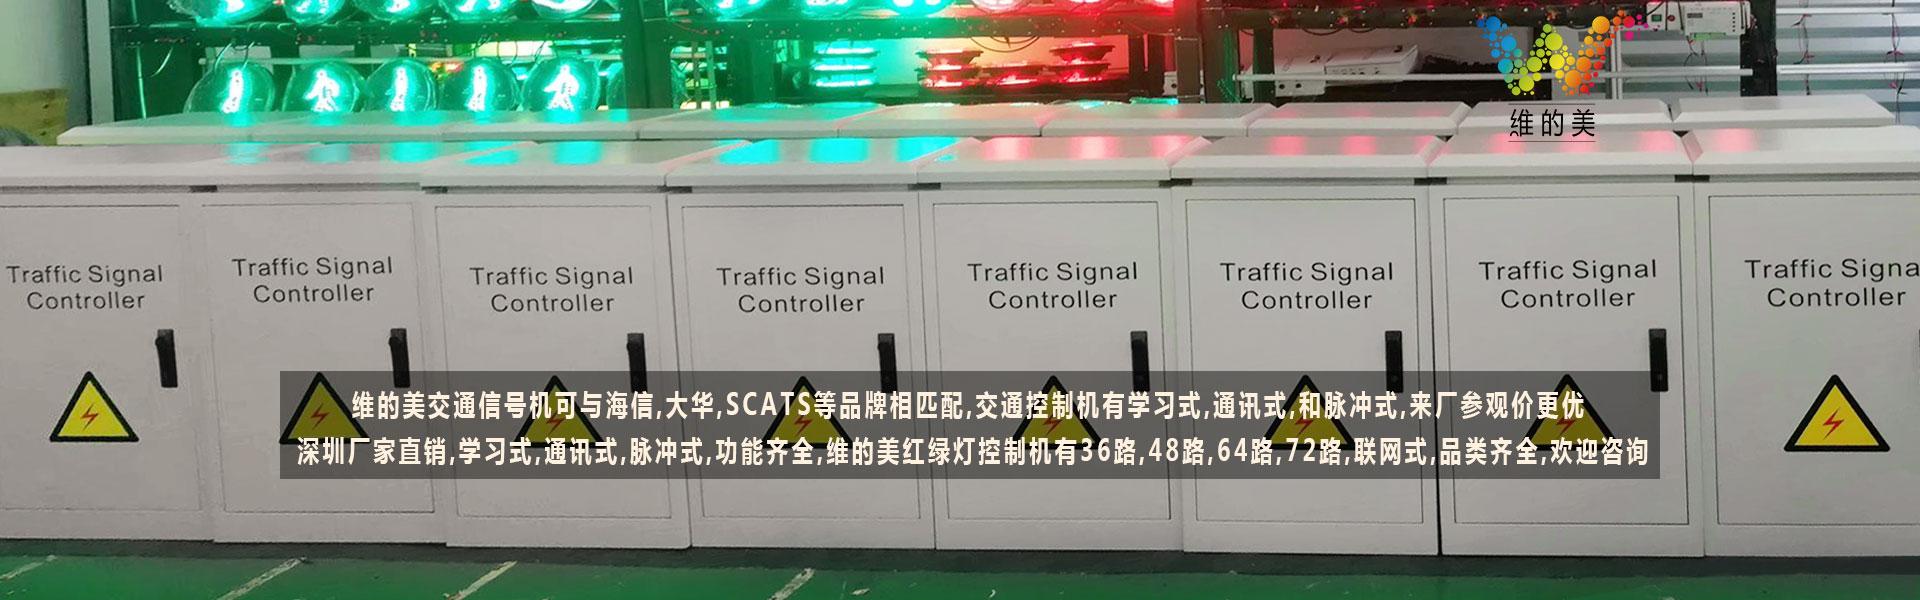 维的美交通信号机